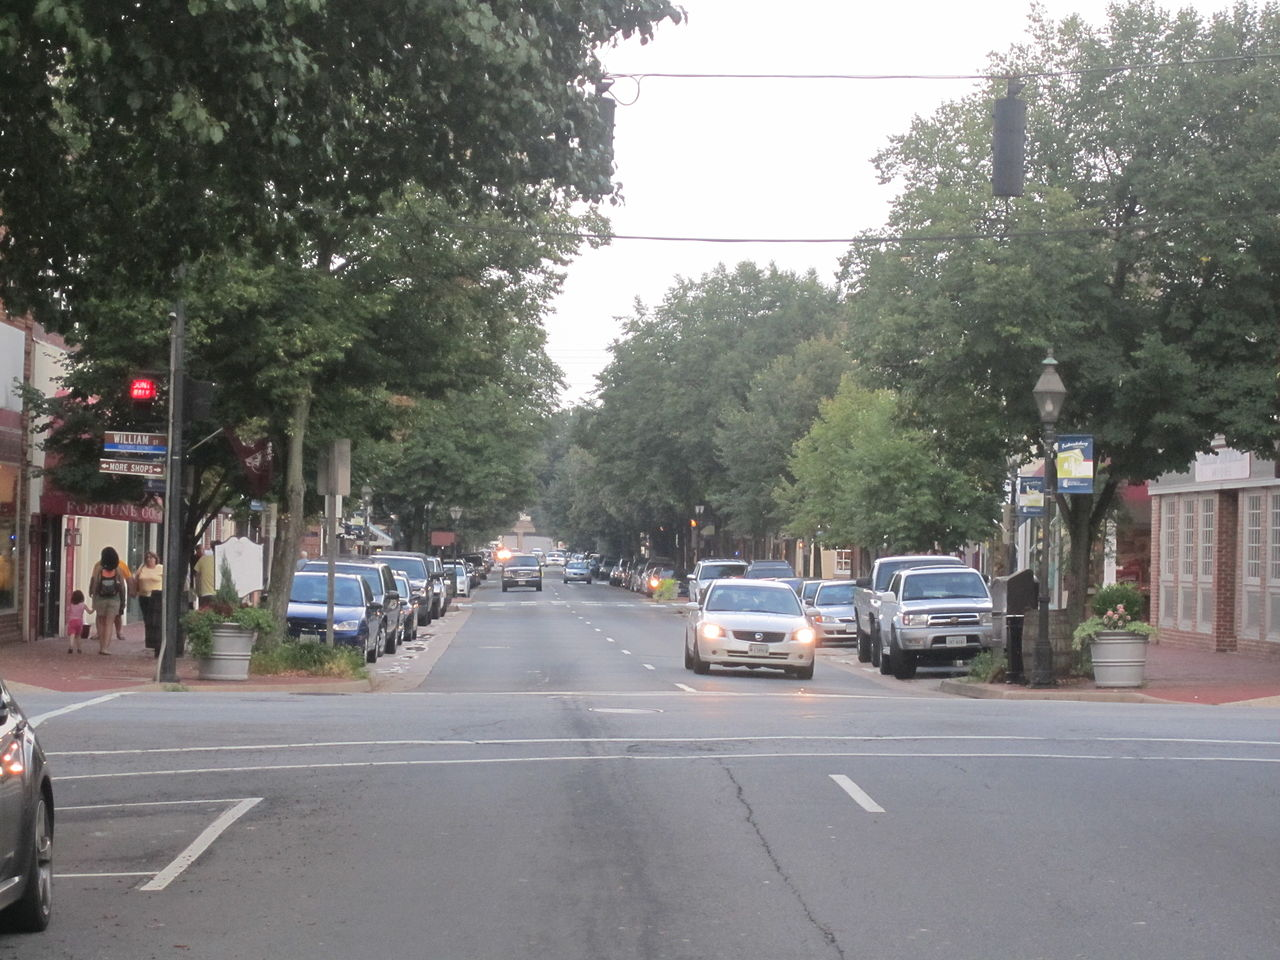 File:Downtown Fredericksburg, VA IMG 4012.JPG